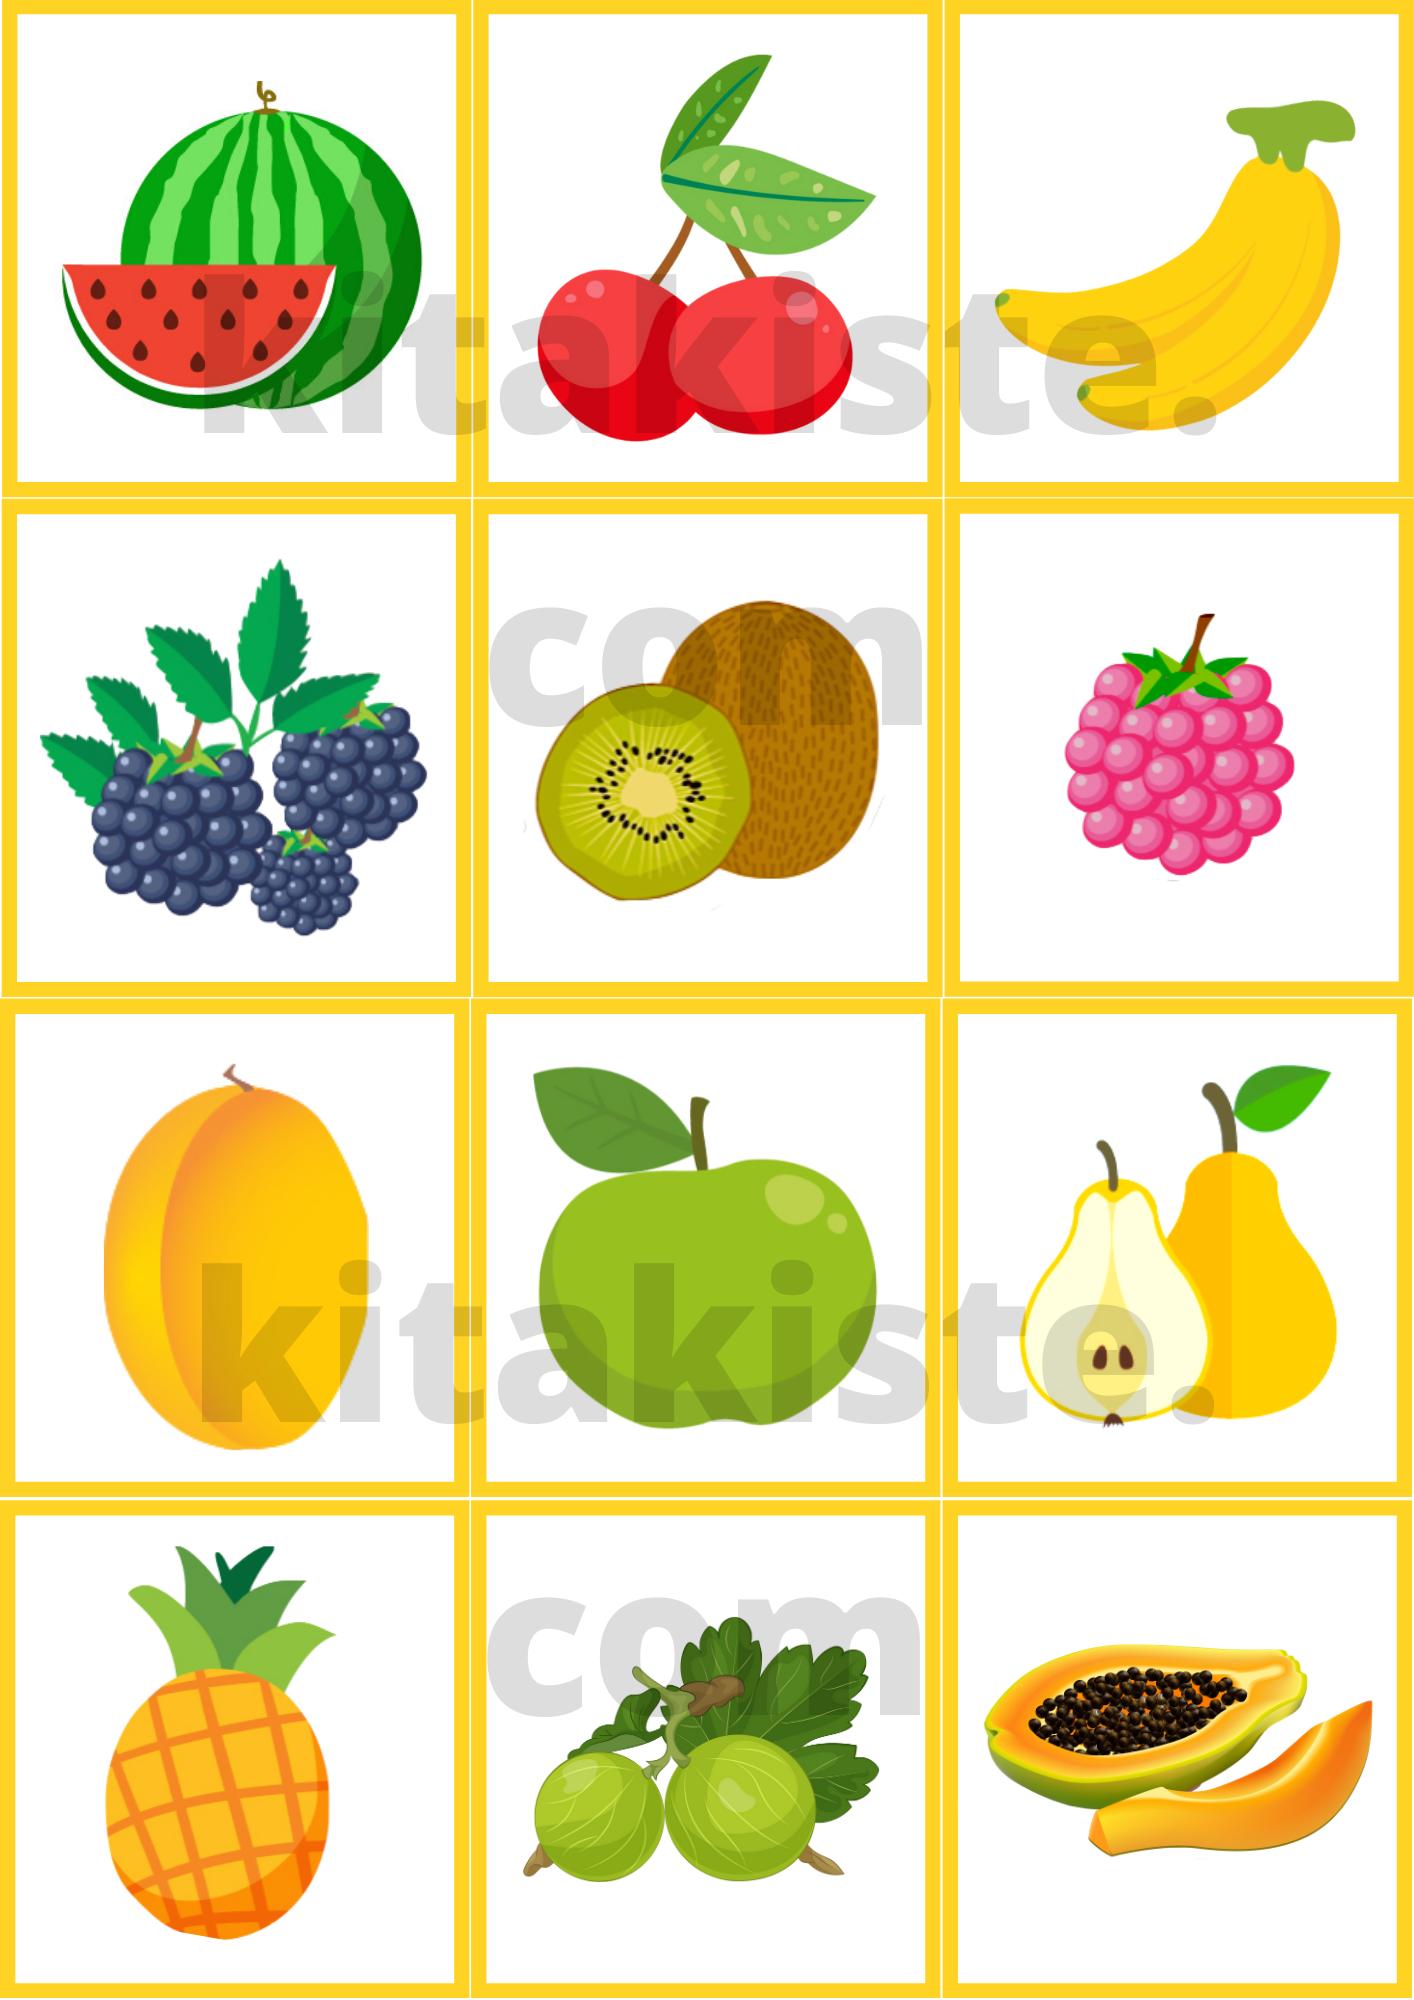 Obst Und Gemuse Memory Kinder Lied Fruchte Und Gemuse Ausdrucken